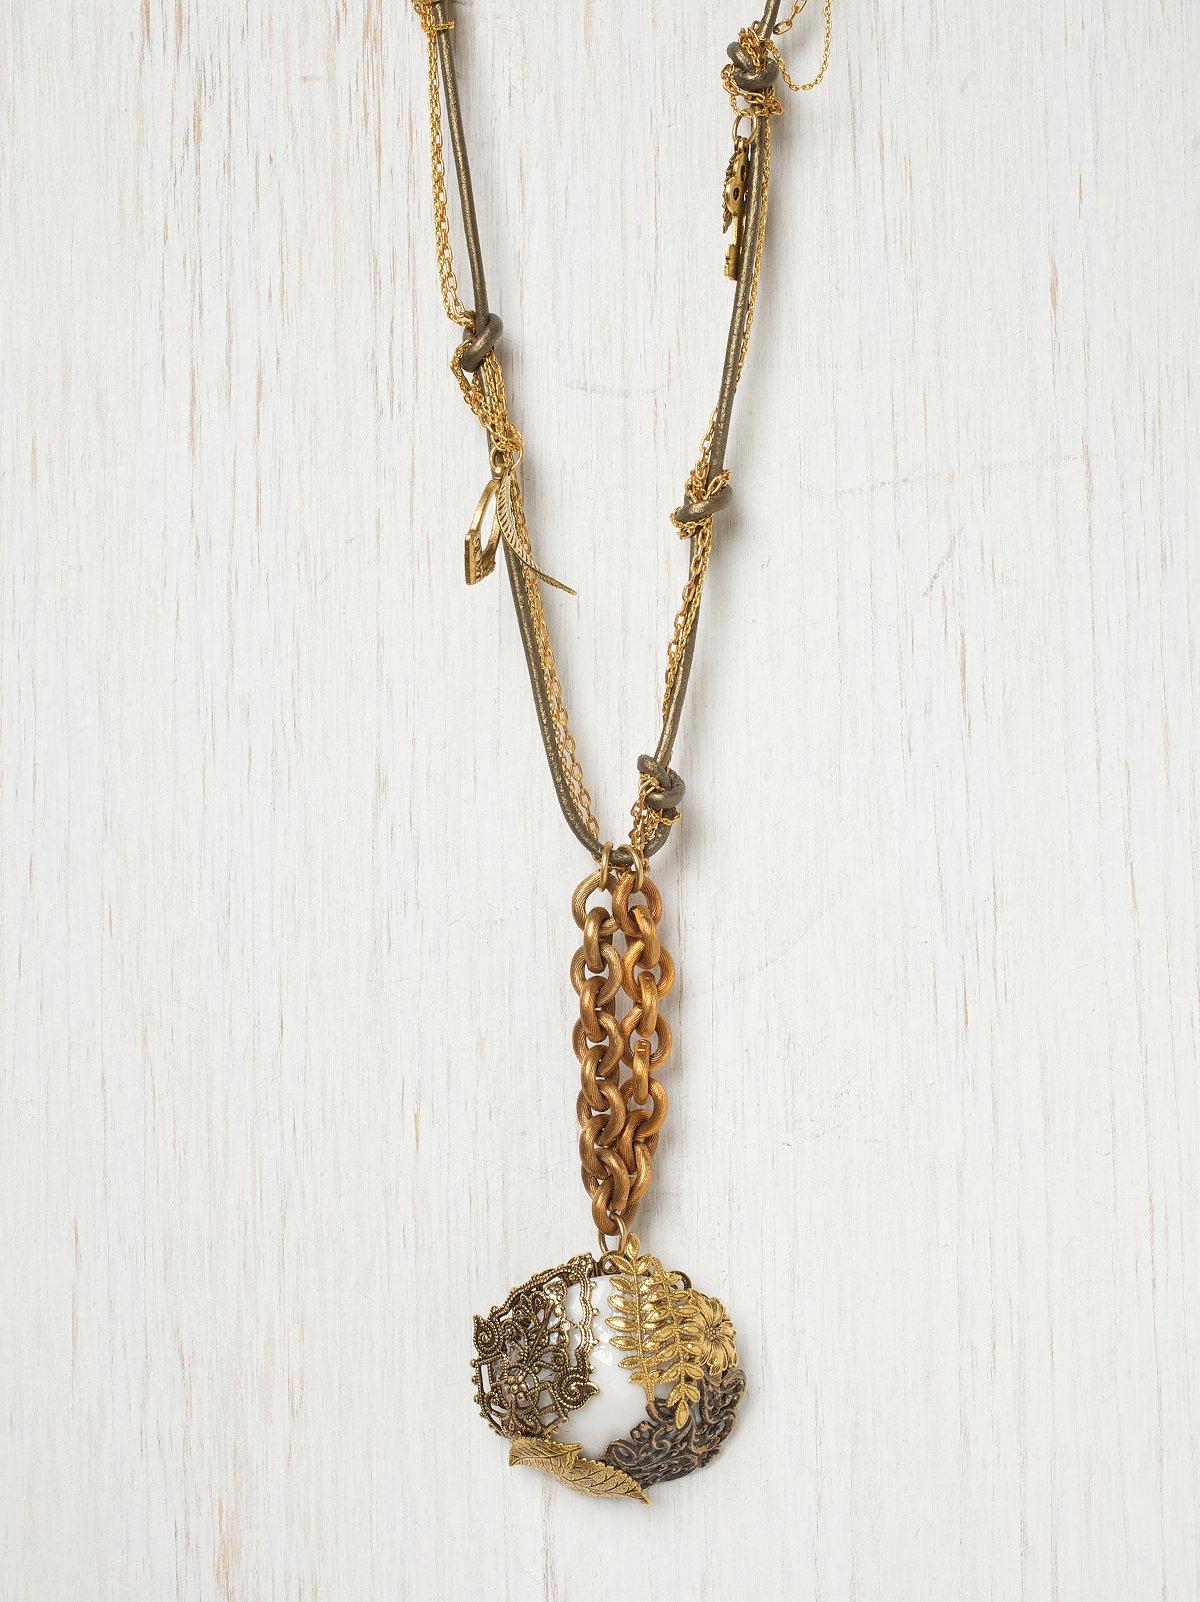 Falling Leaves Vintage Necklace